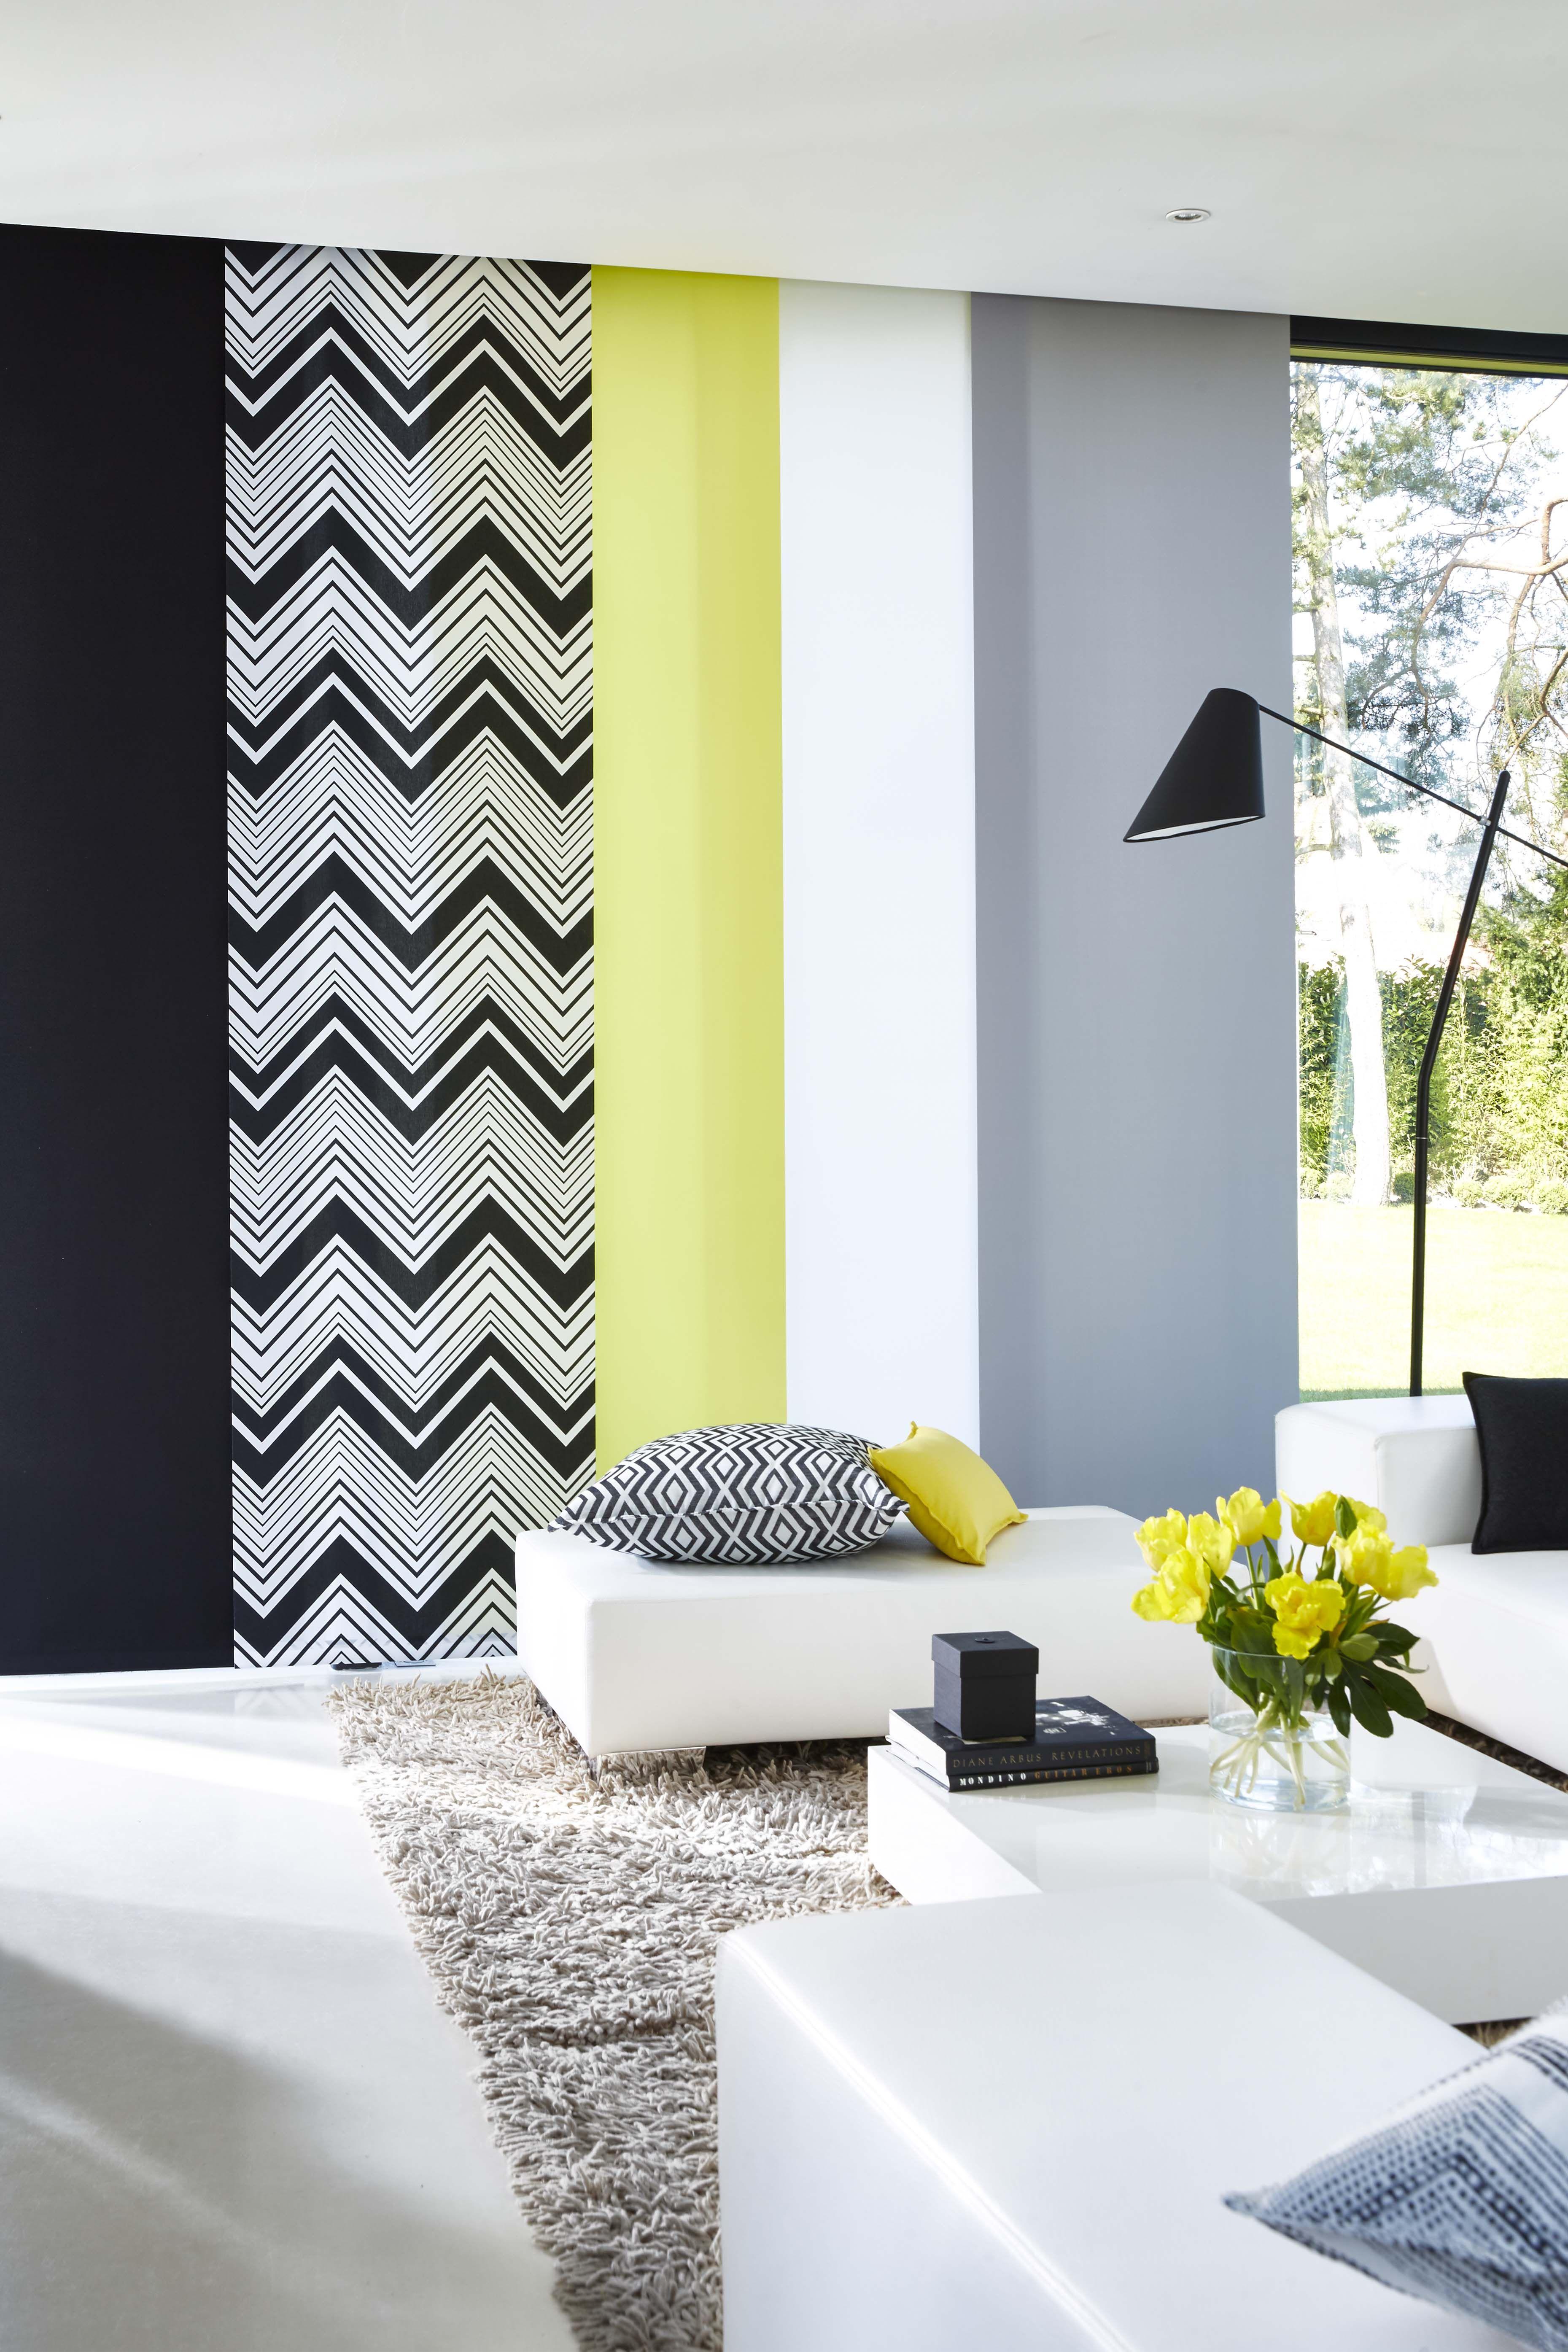 panneaux japonais design idees deco heytens rideaux design idee deco deco contemporaine